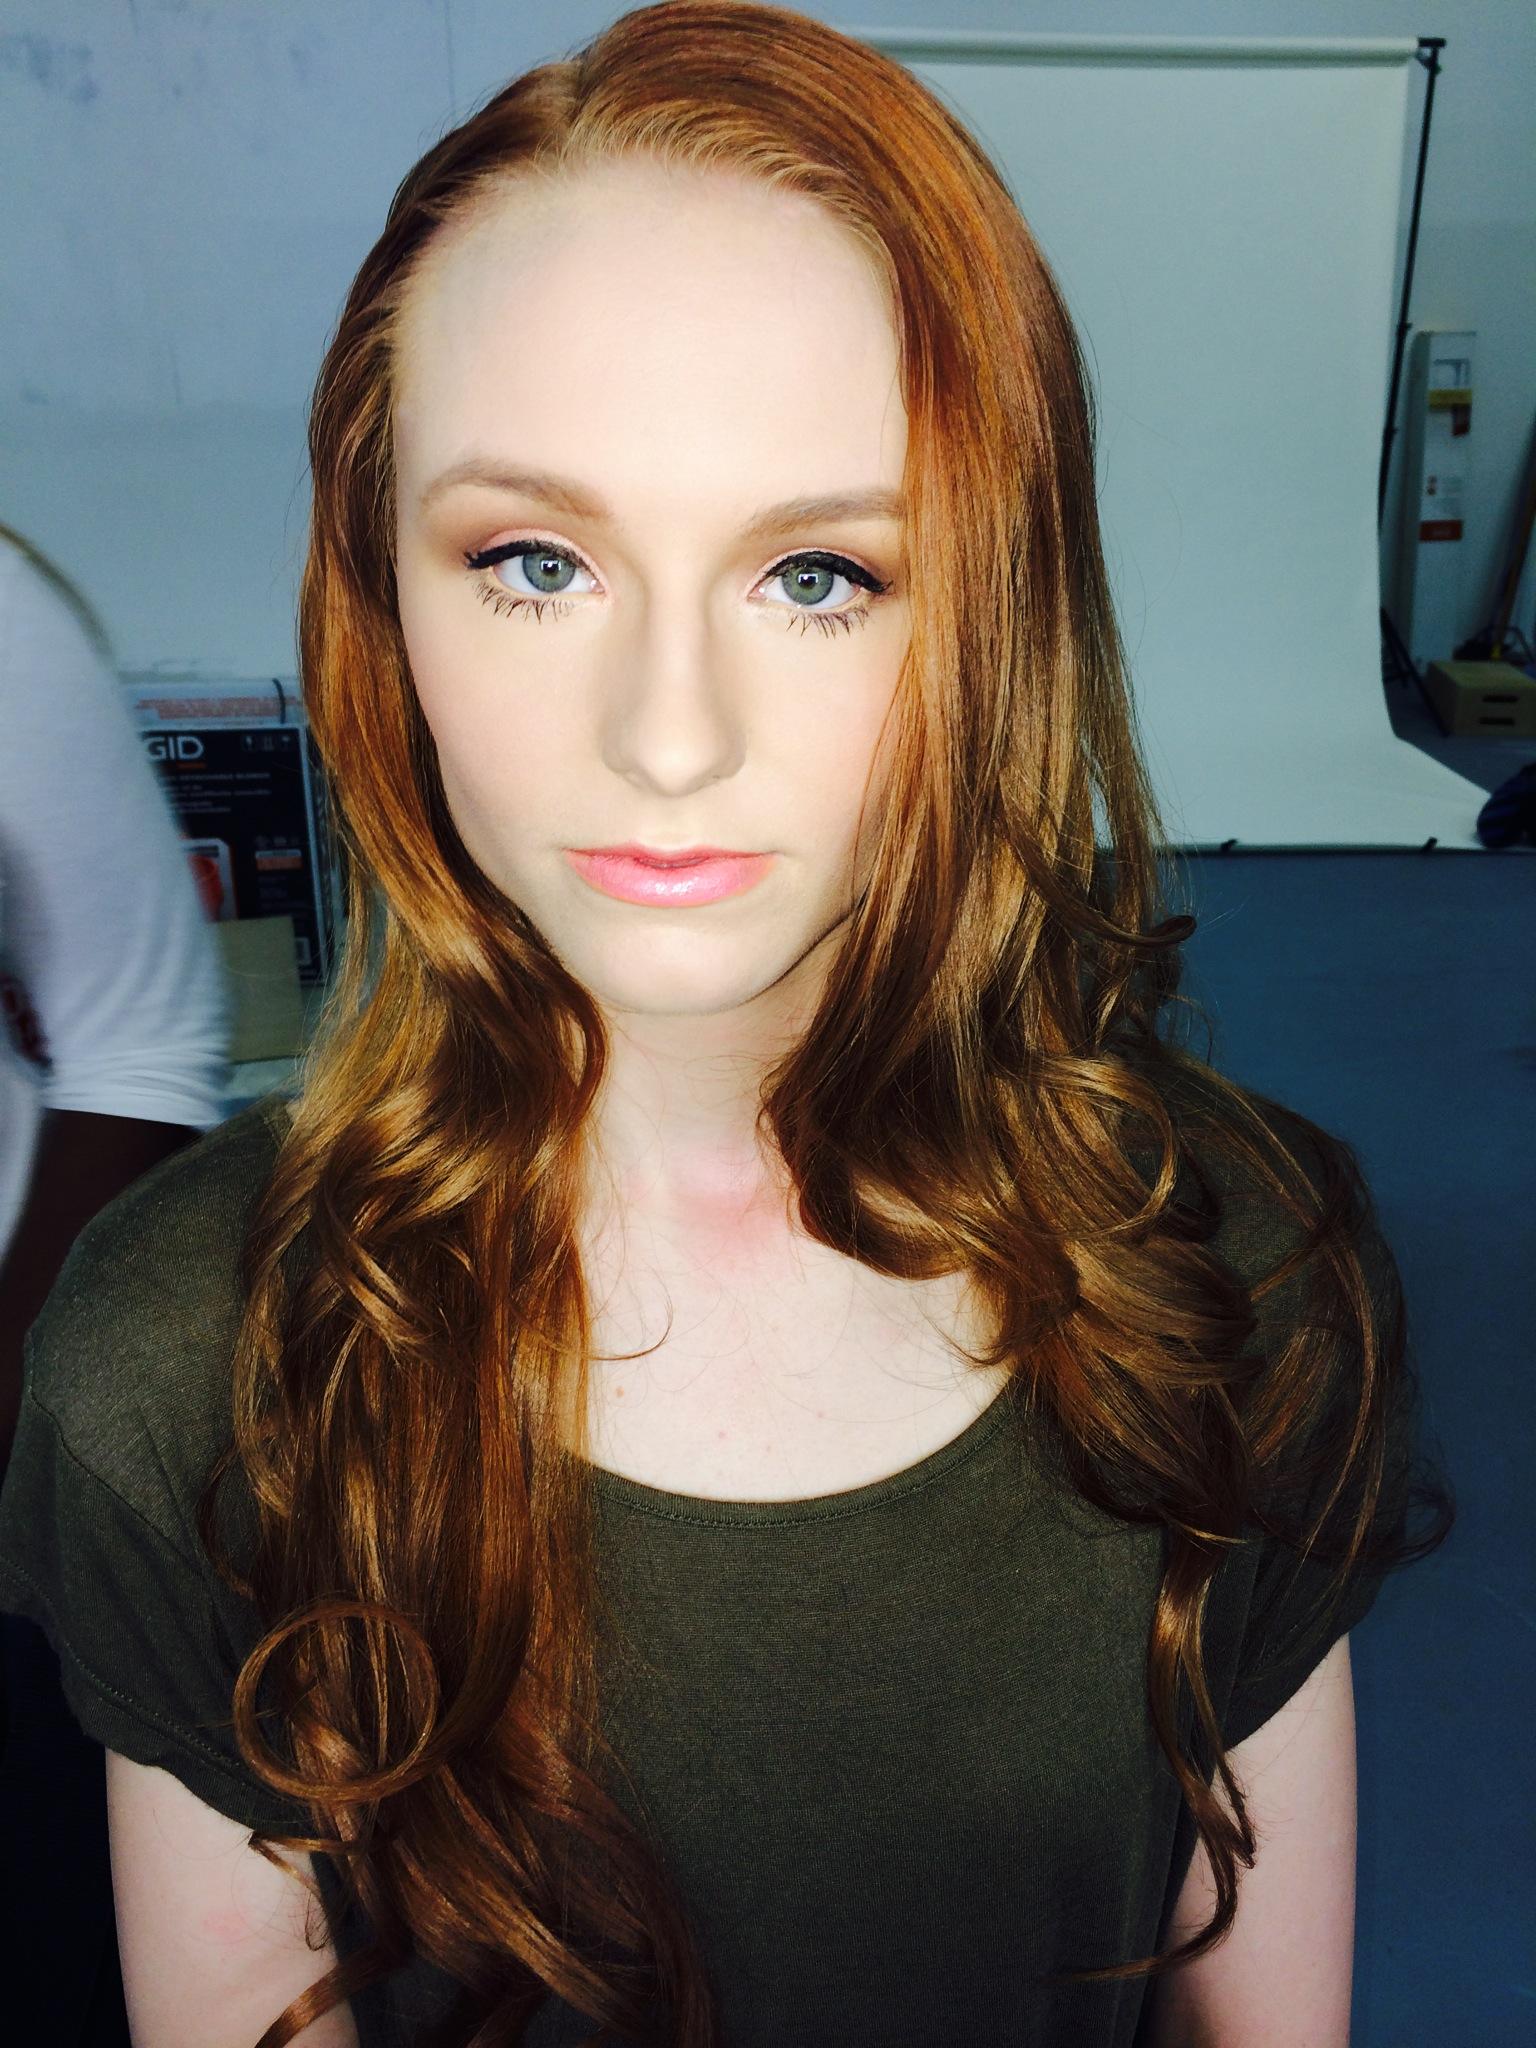 Makeup by Moni P on set